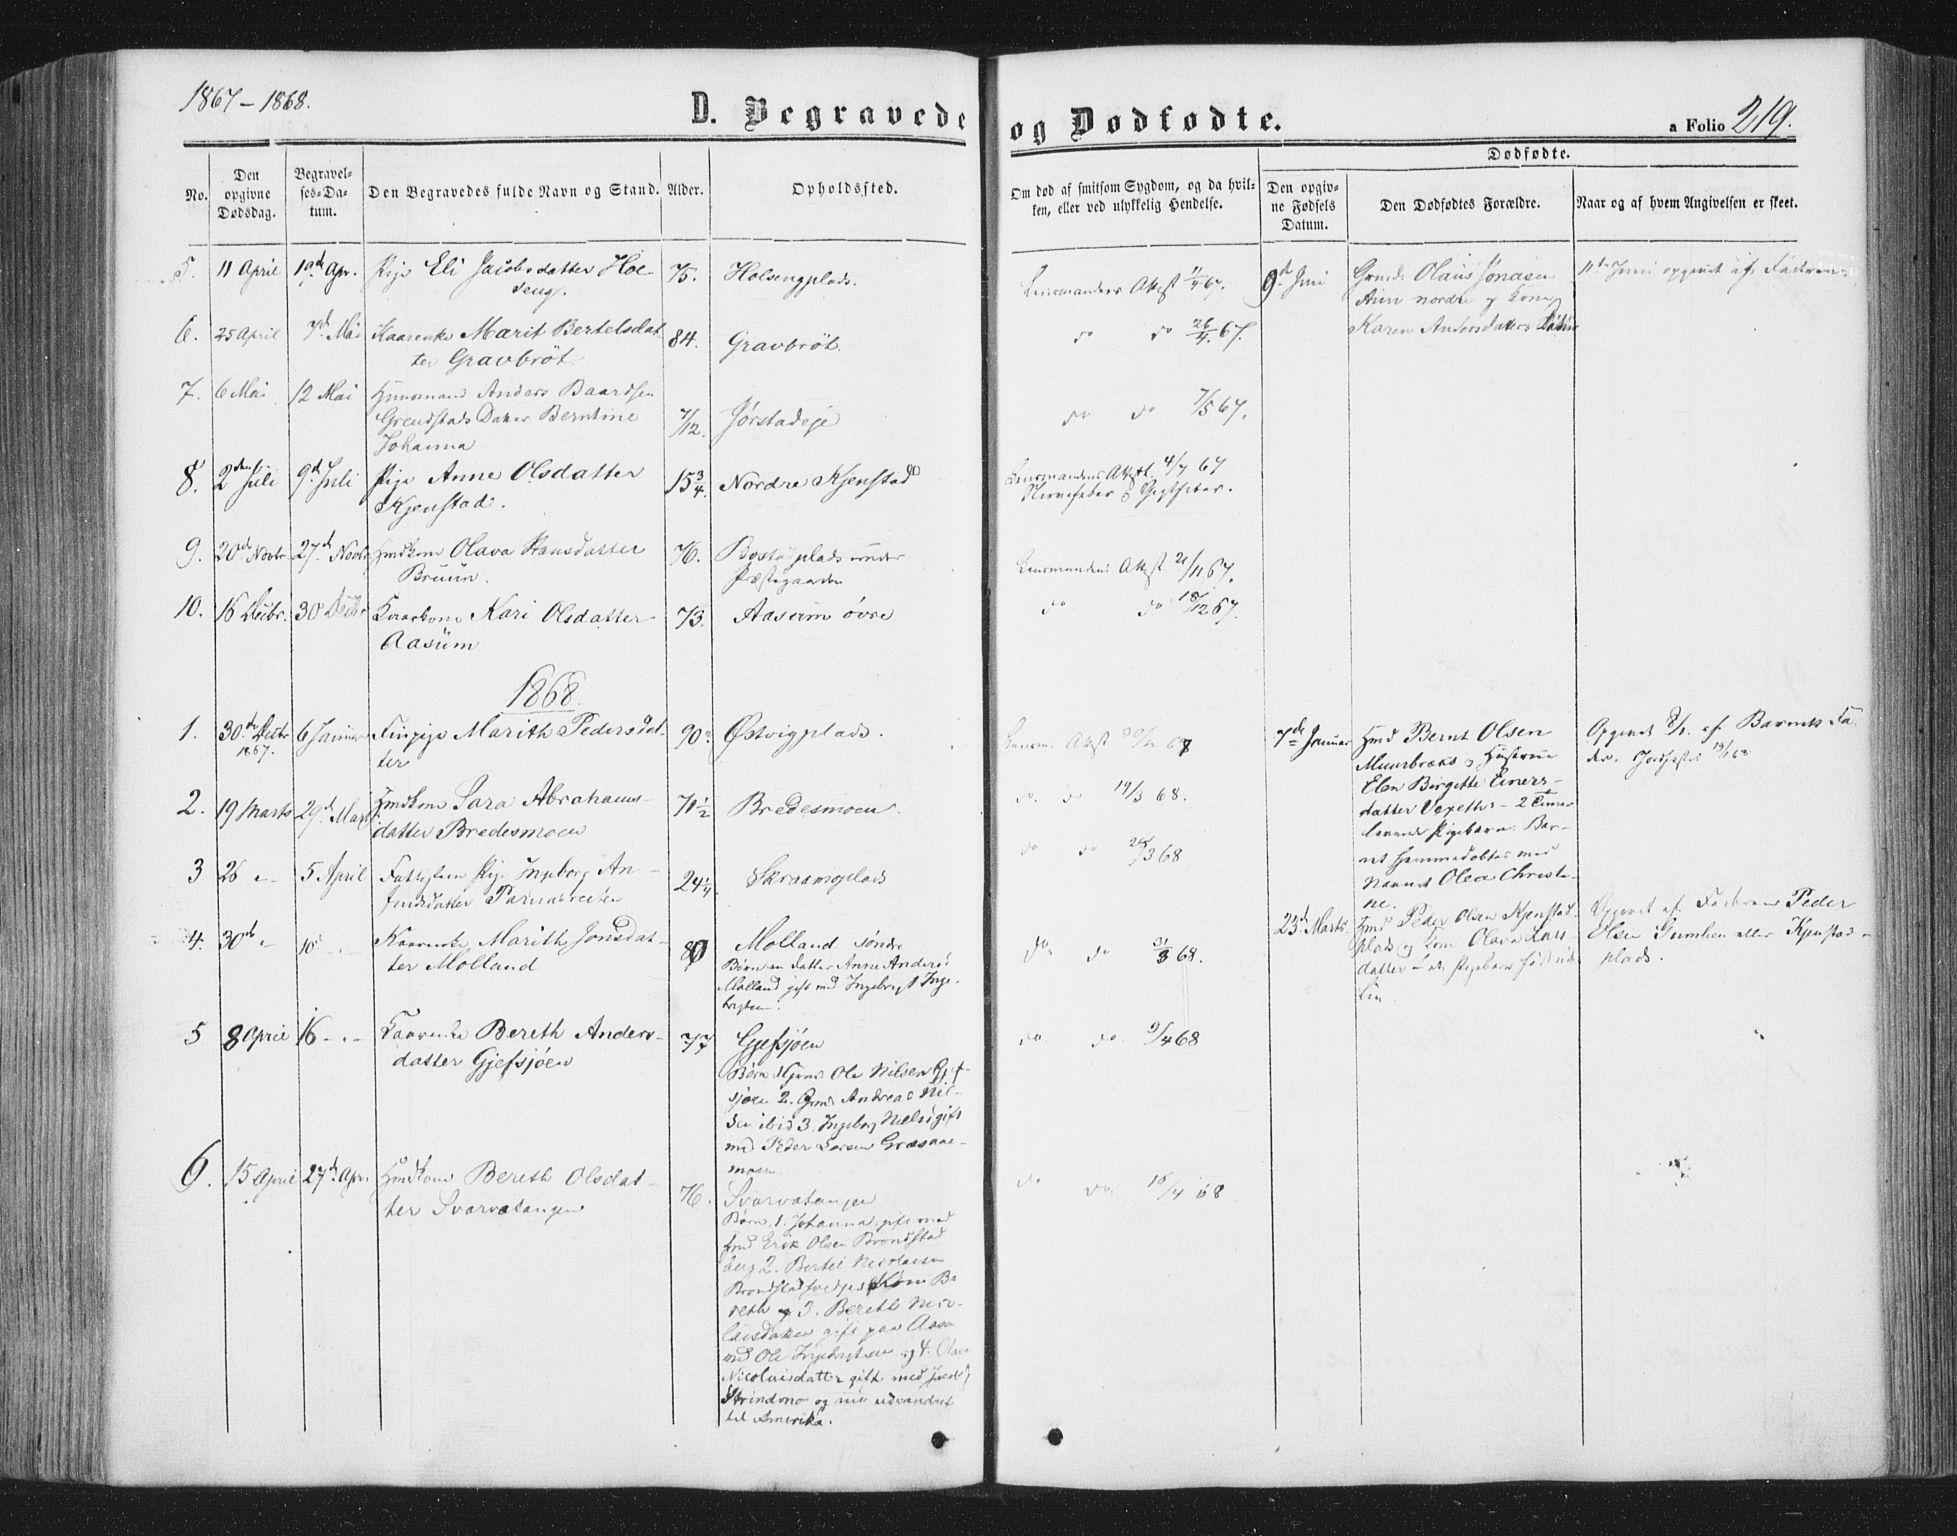 SAT, Ministerialprotokoller, klokkerbøker og fødselsregistre - Nord-Trøndelag, 749/L0472: Ministerialbok nr. 749A06, 1857-1873, s. 219